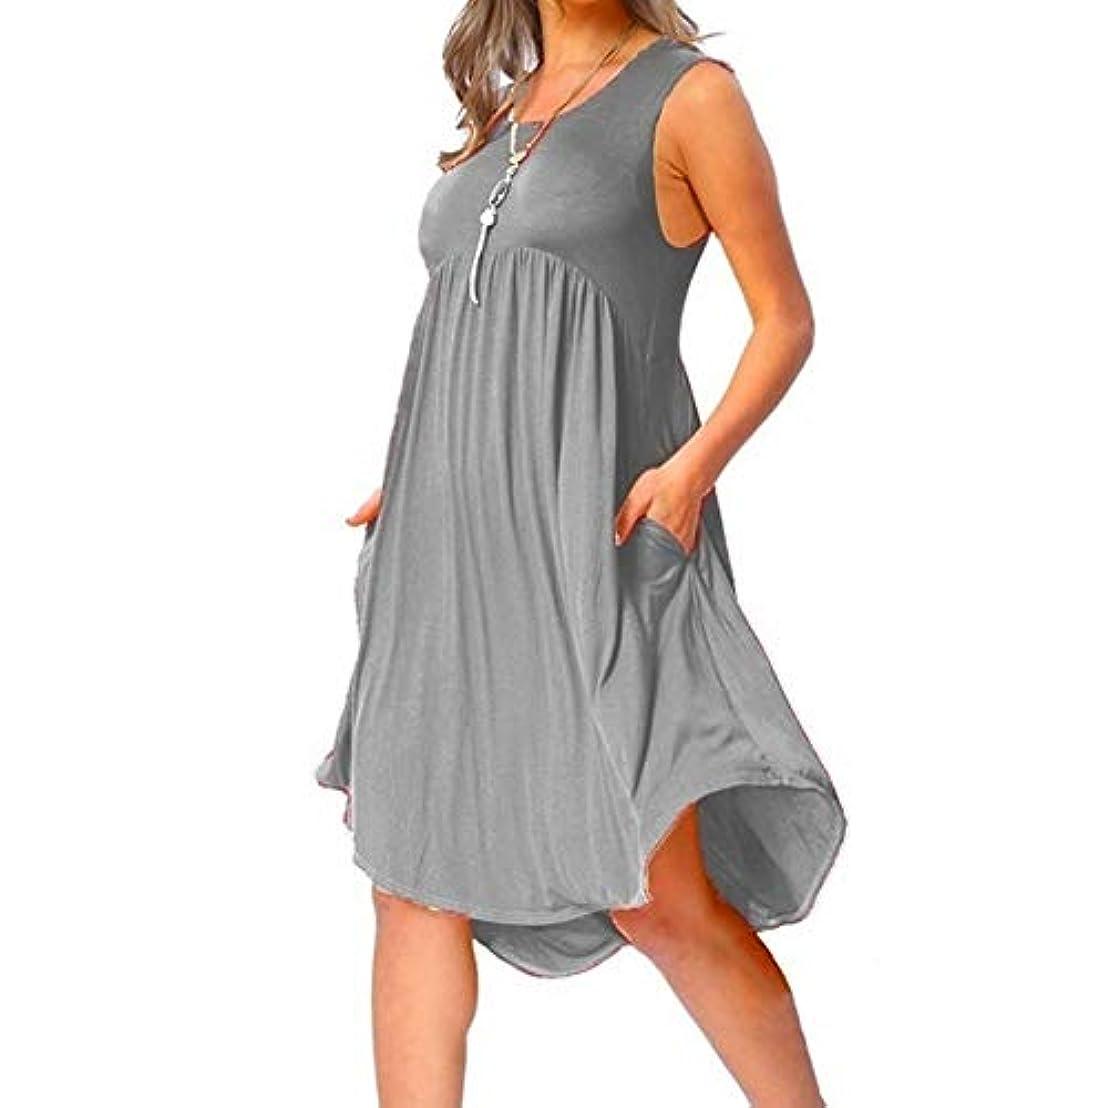 吸収剤補う目覚めるMIFAN の女性のドレスカジュアルな不規則なドレスルースサマービーチTシャツドレス